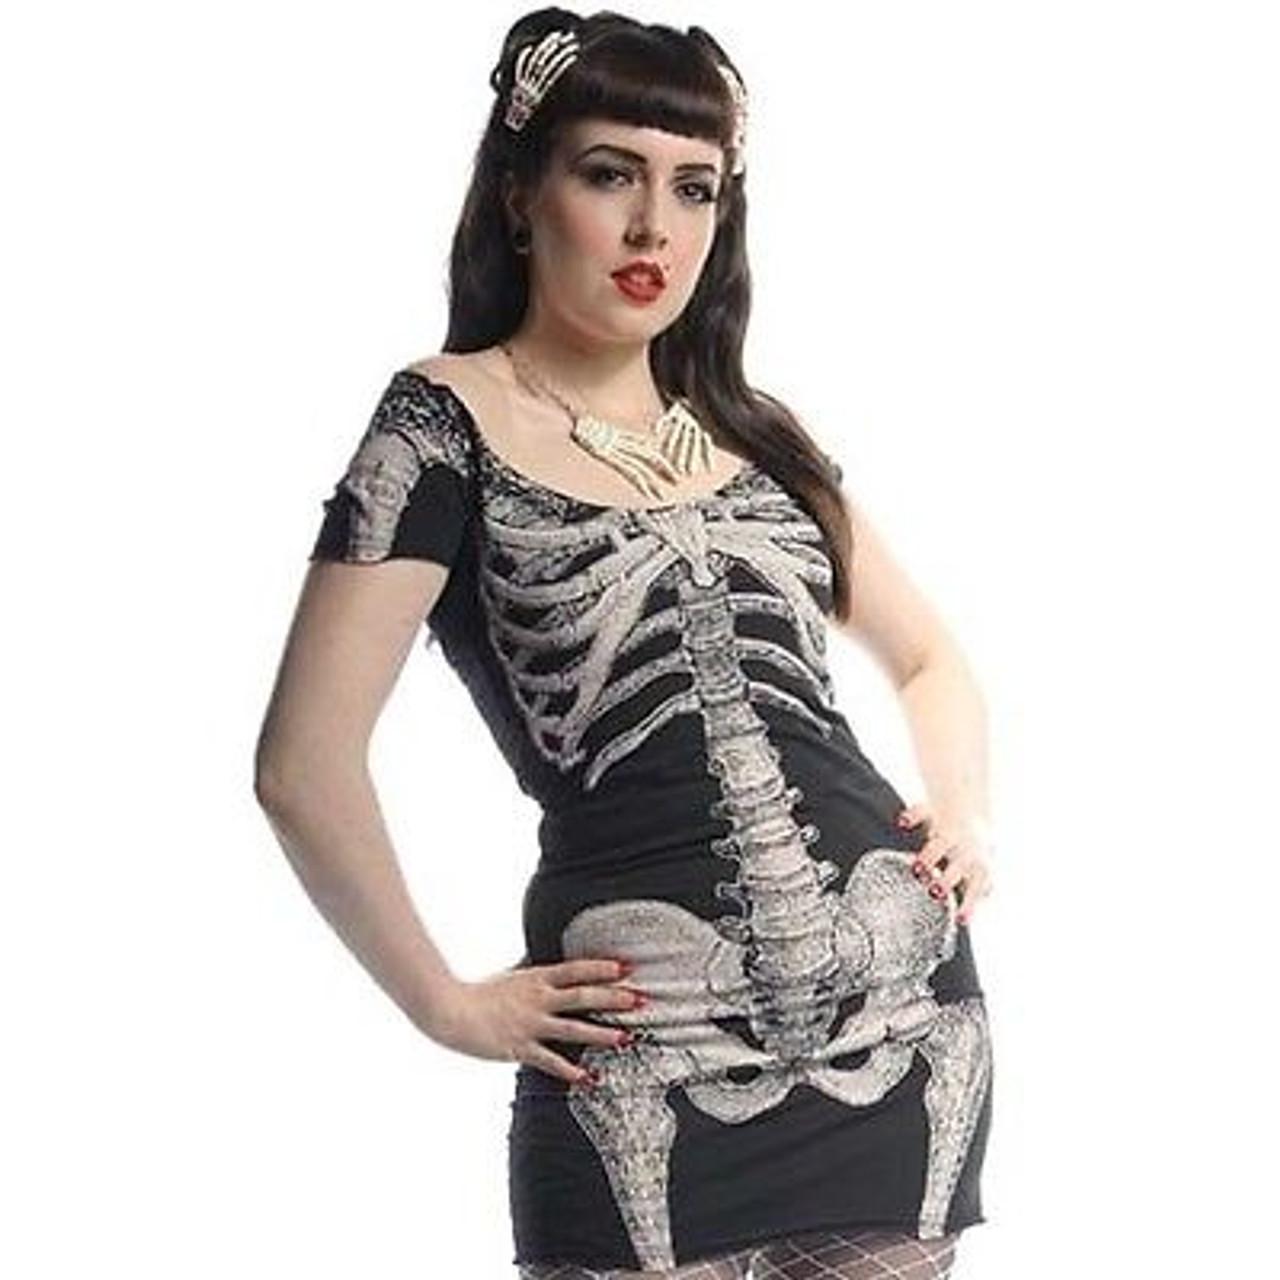 KREEPSVILLE 666 VAMPIRA SHADOW FACE TUNIC DRESS PUNK VAMPIRE HALLOWEEN S-XXL